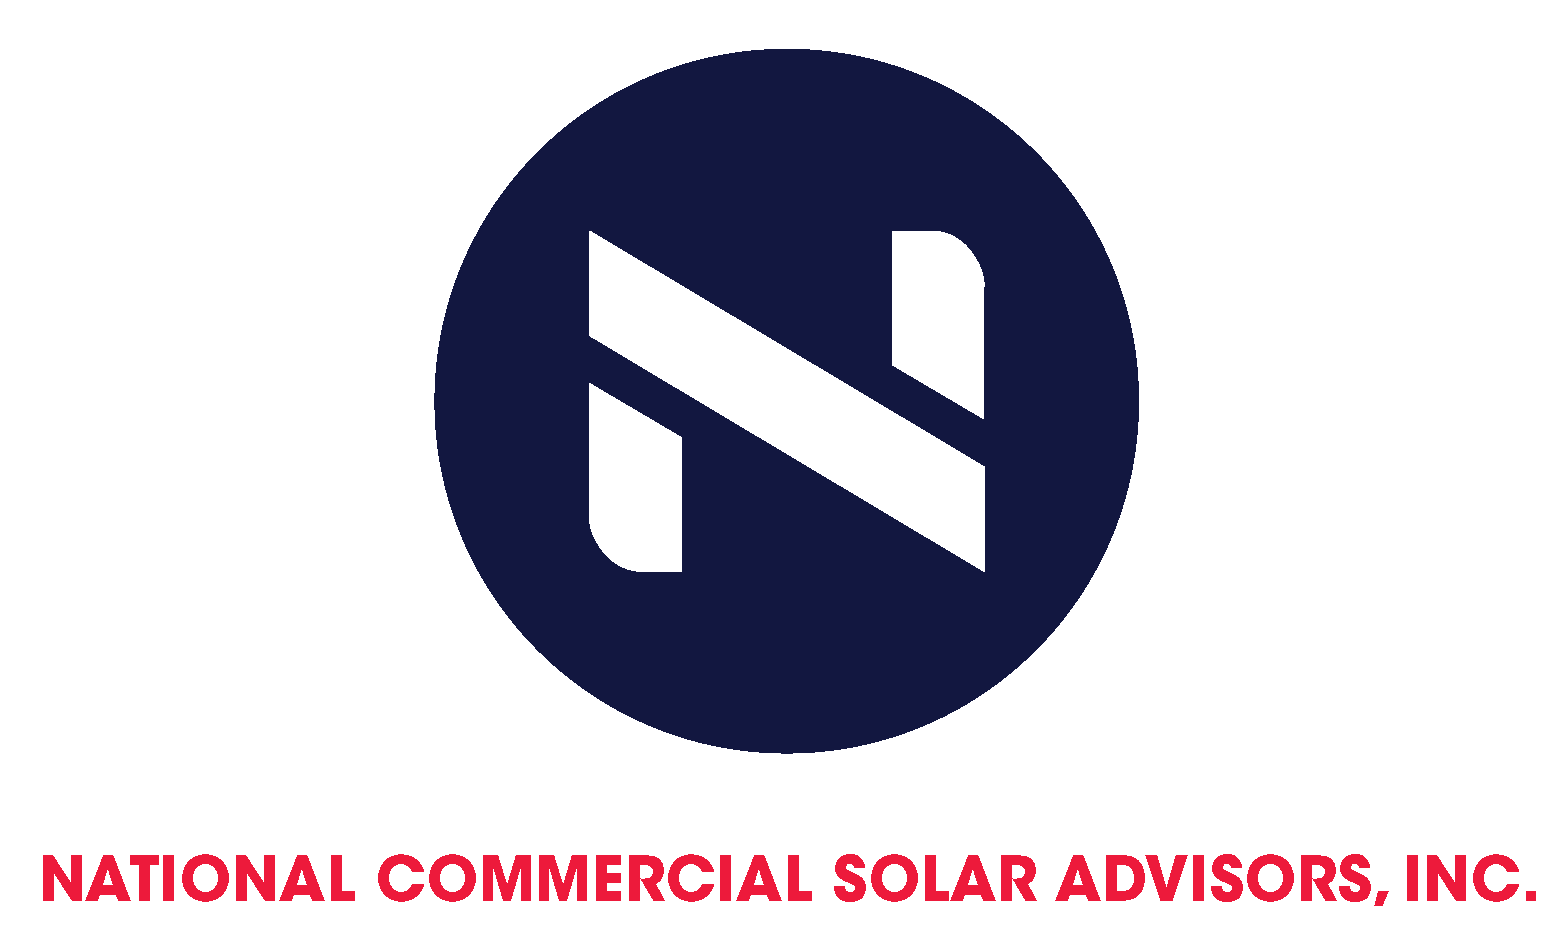 National Commercial Solar Advisors